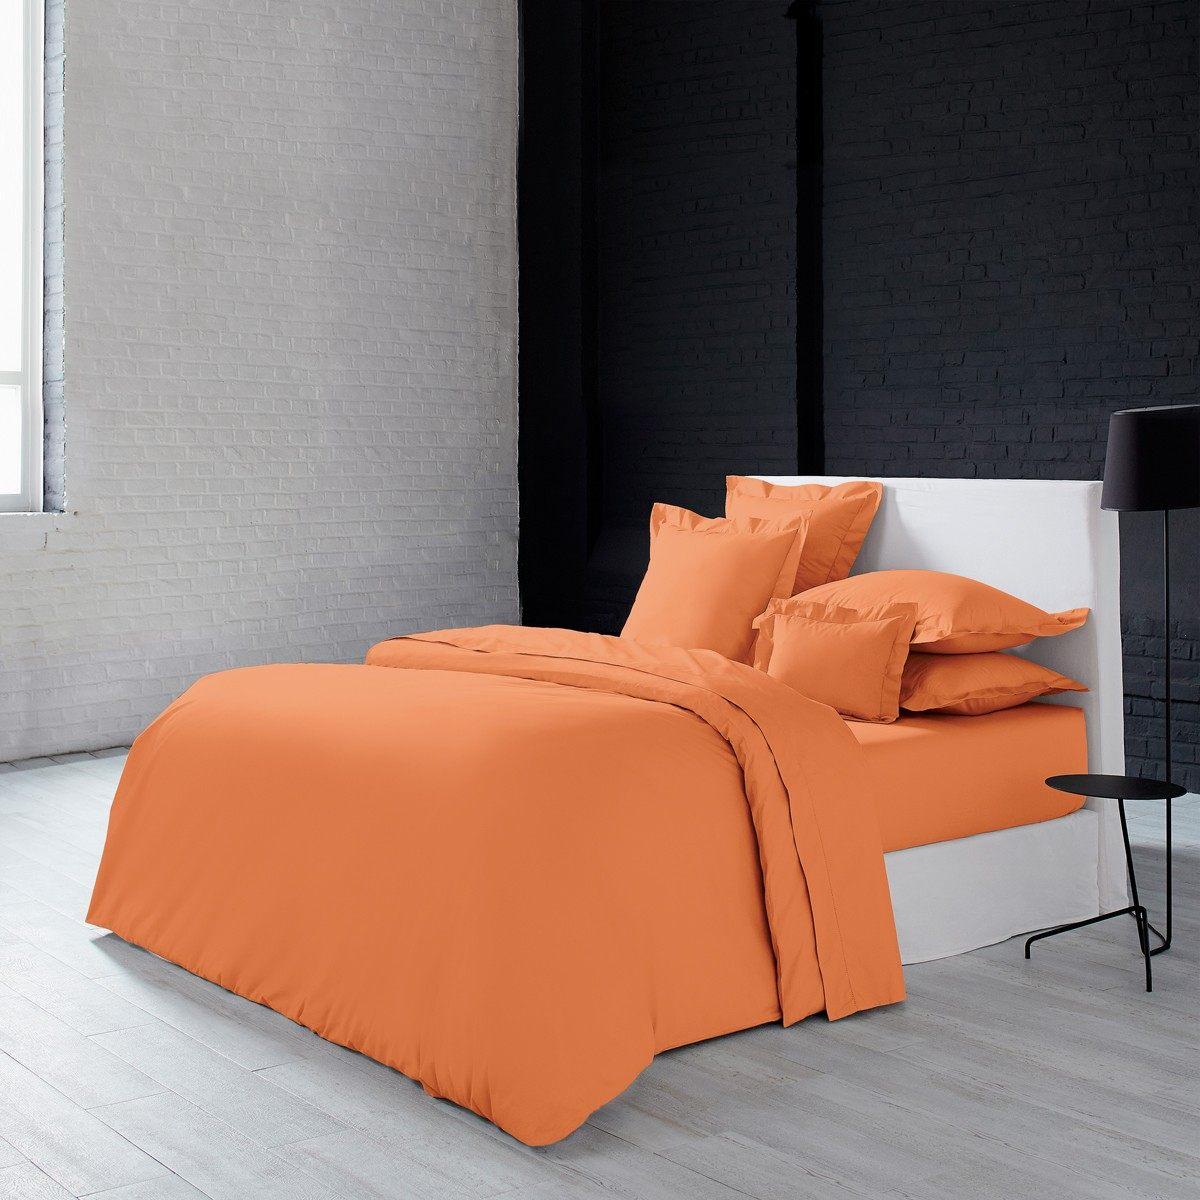 Drap Plat Pour Lit 160×200 Bel Parure De Lit Olivier Desforges Alcove orange Linge De Lit Haut De